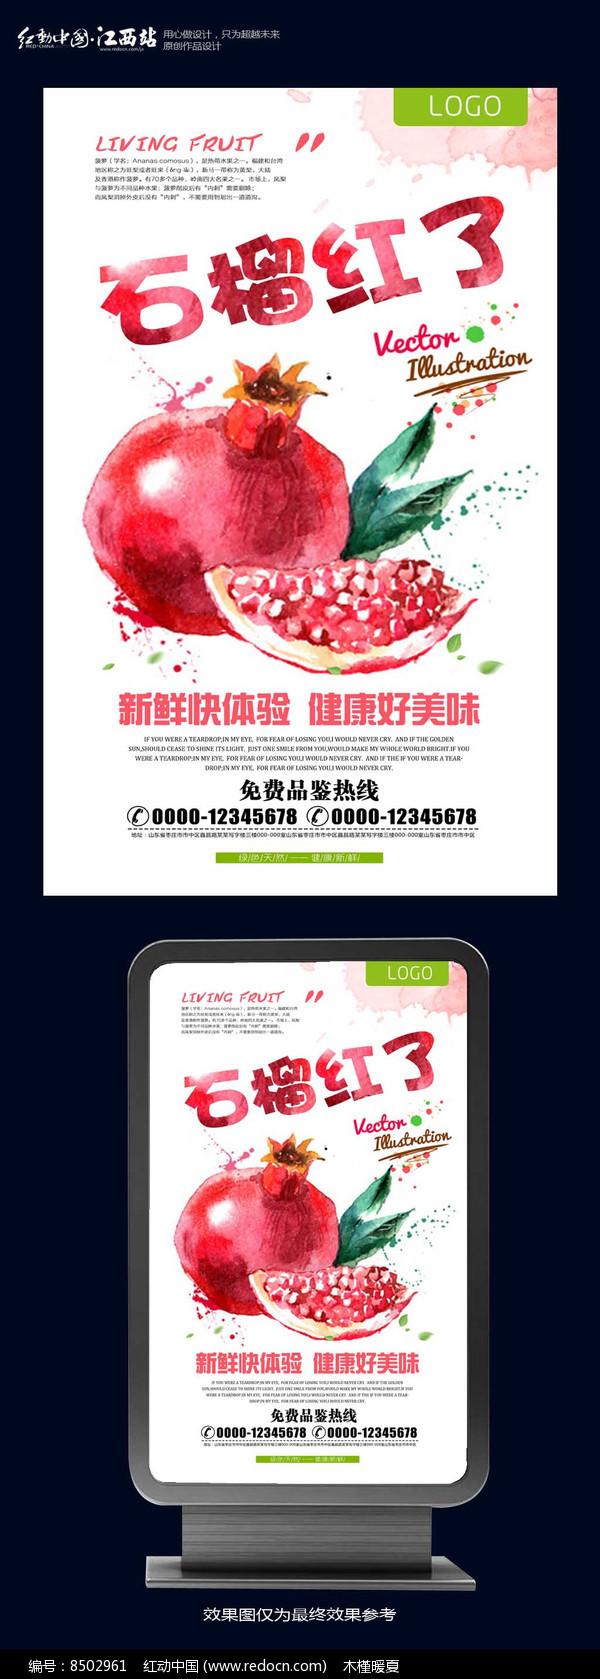 新鲜水果海报石榴红了图片